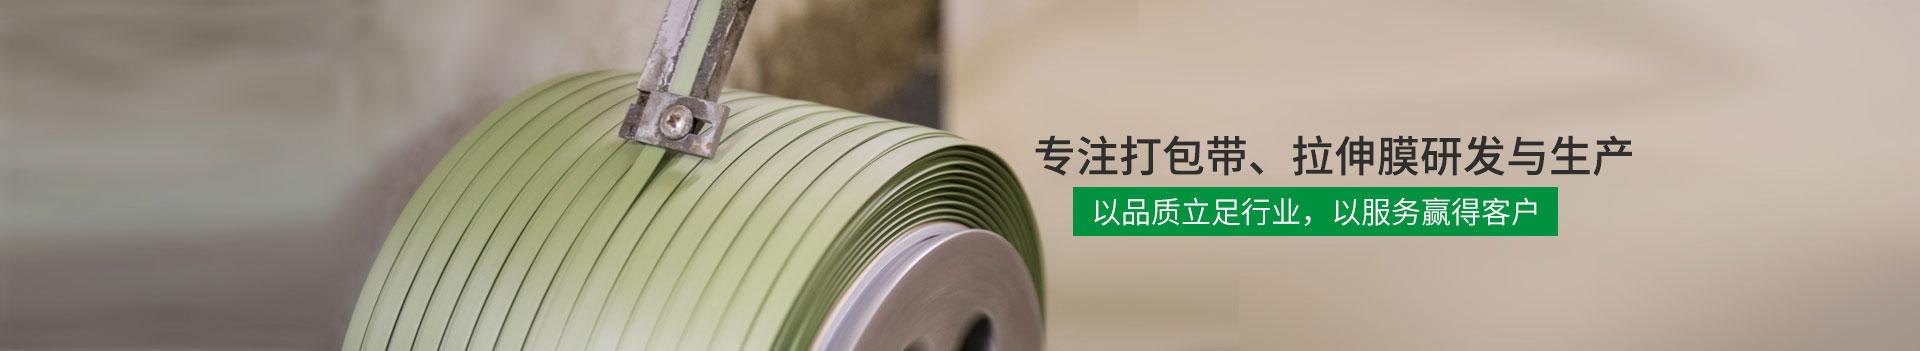 宏展包装-包装材料厂家